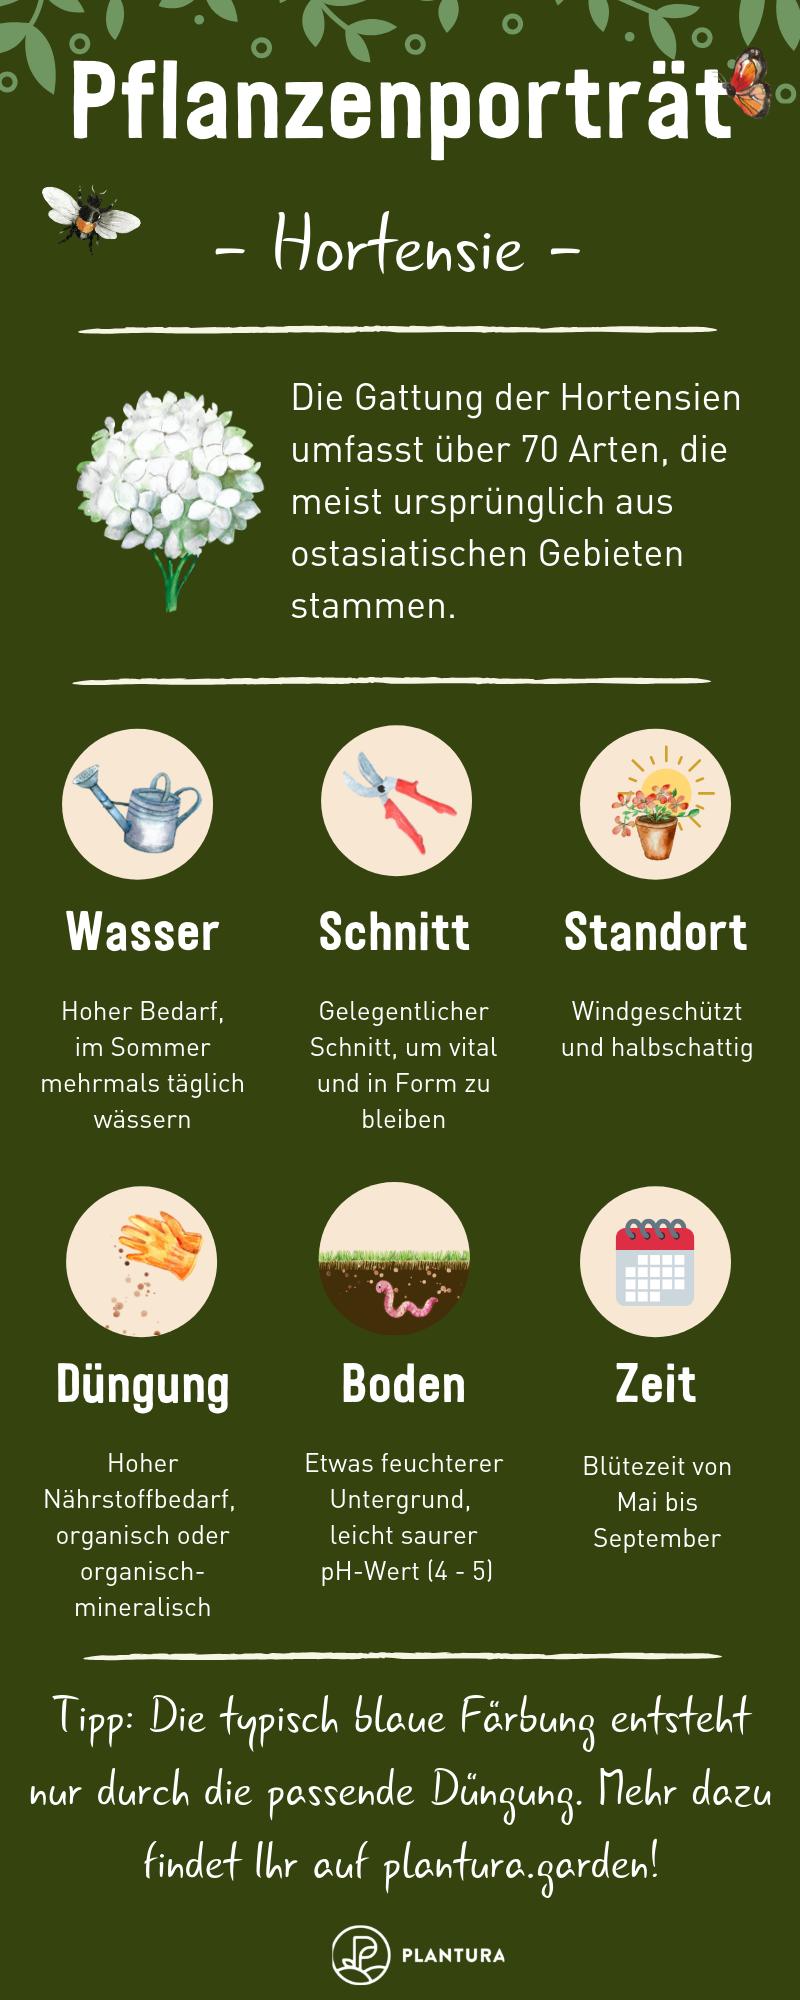 Hortensien: Expertentipps zum Pflanzen, Pflegen & Schneiden - Plantura